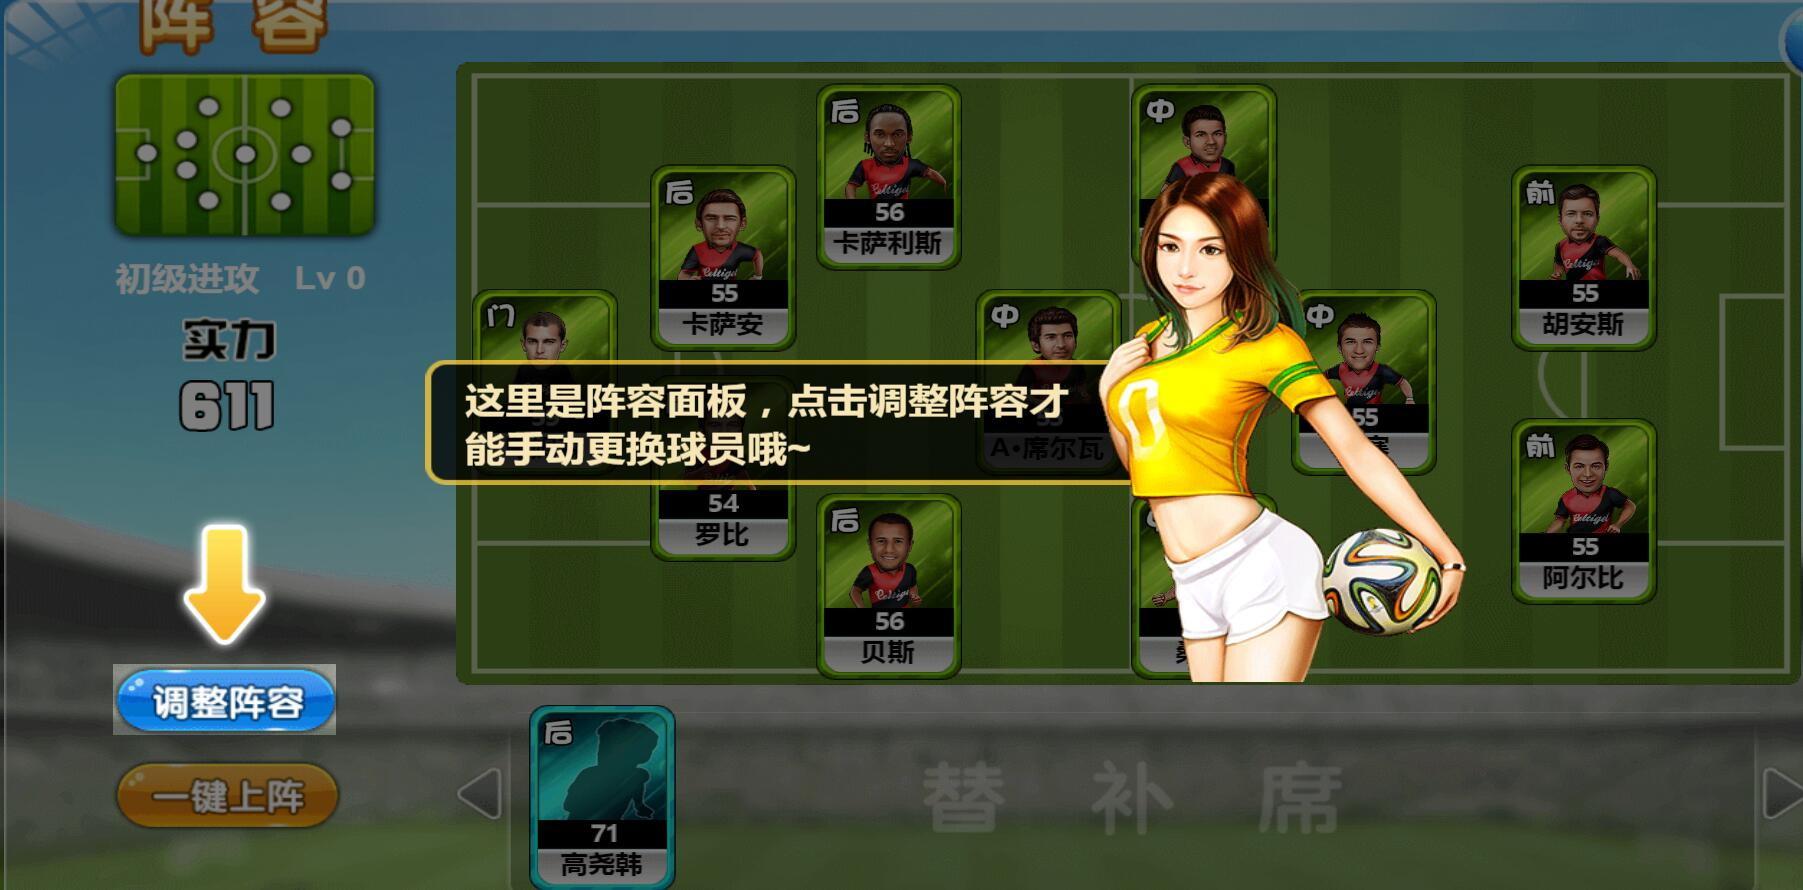 《足球经理》游戏截图